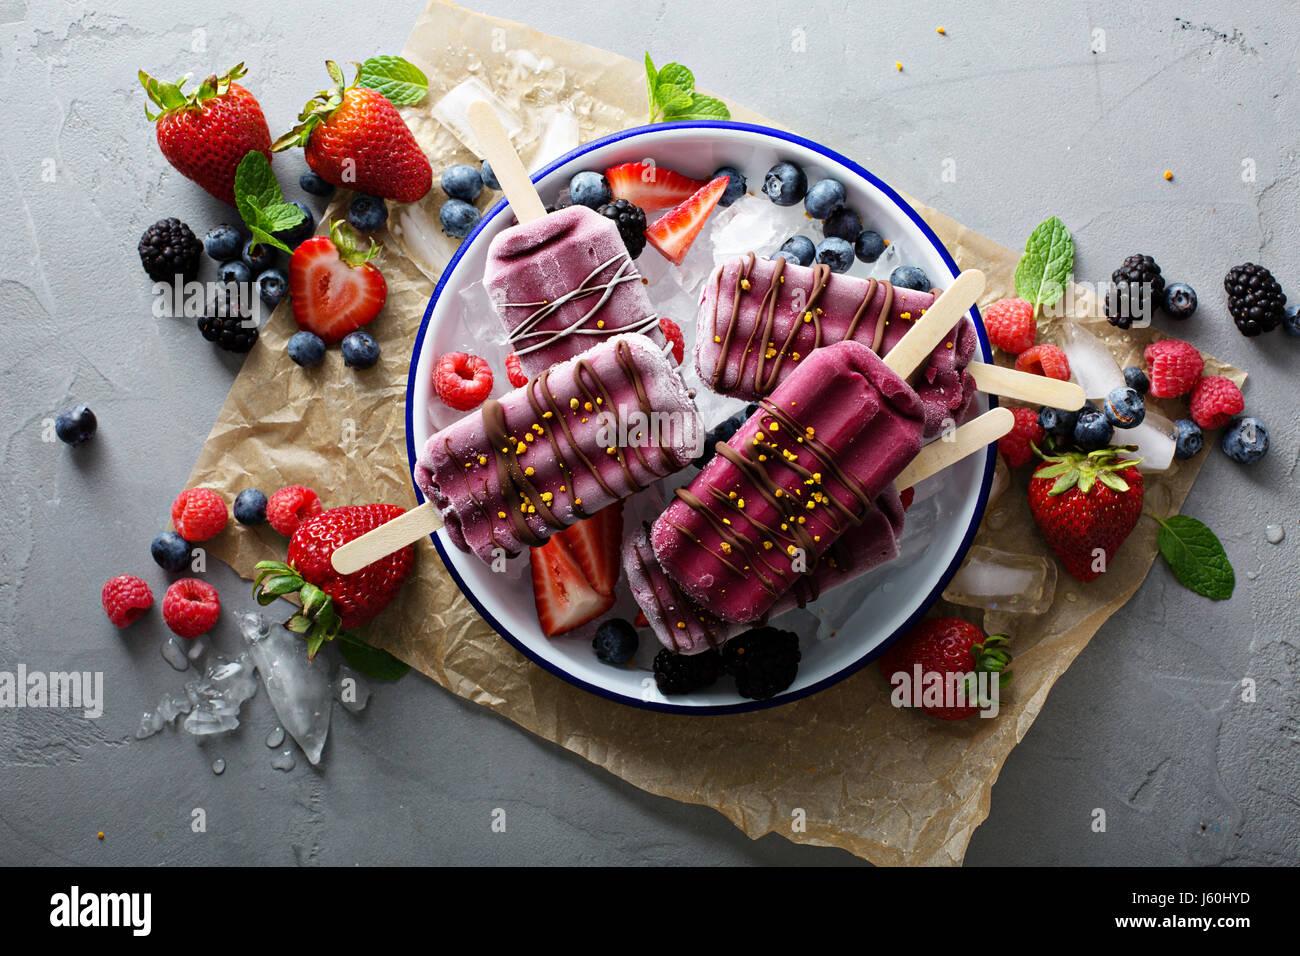 Mixed Berry paletas con chocolate glaze Imagen De Stock